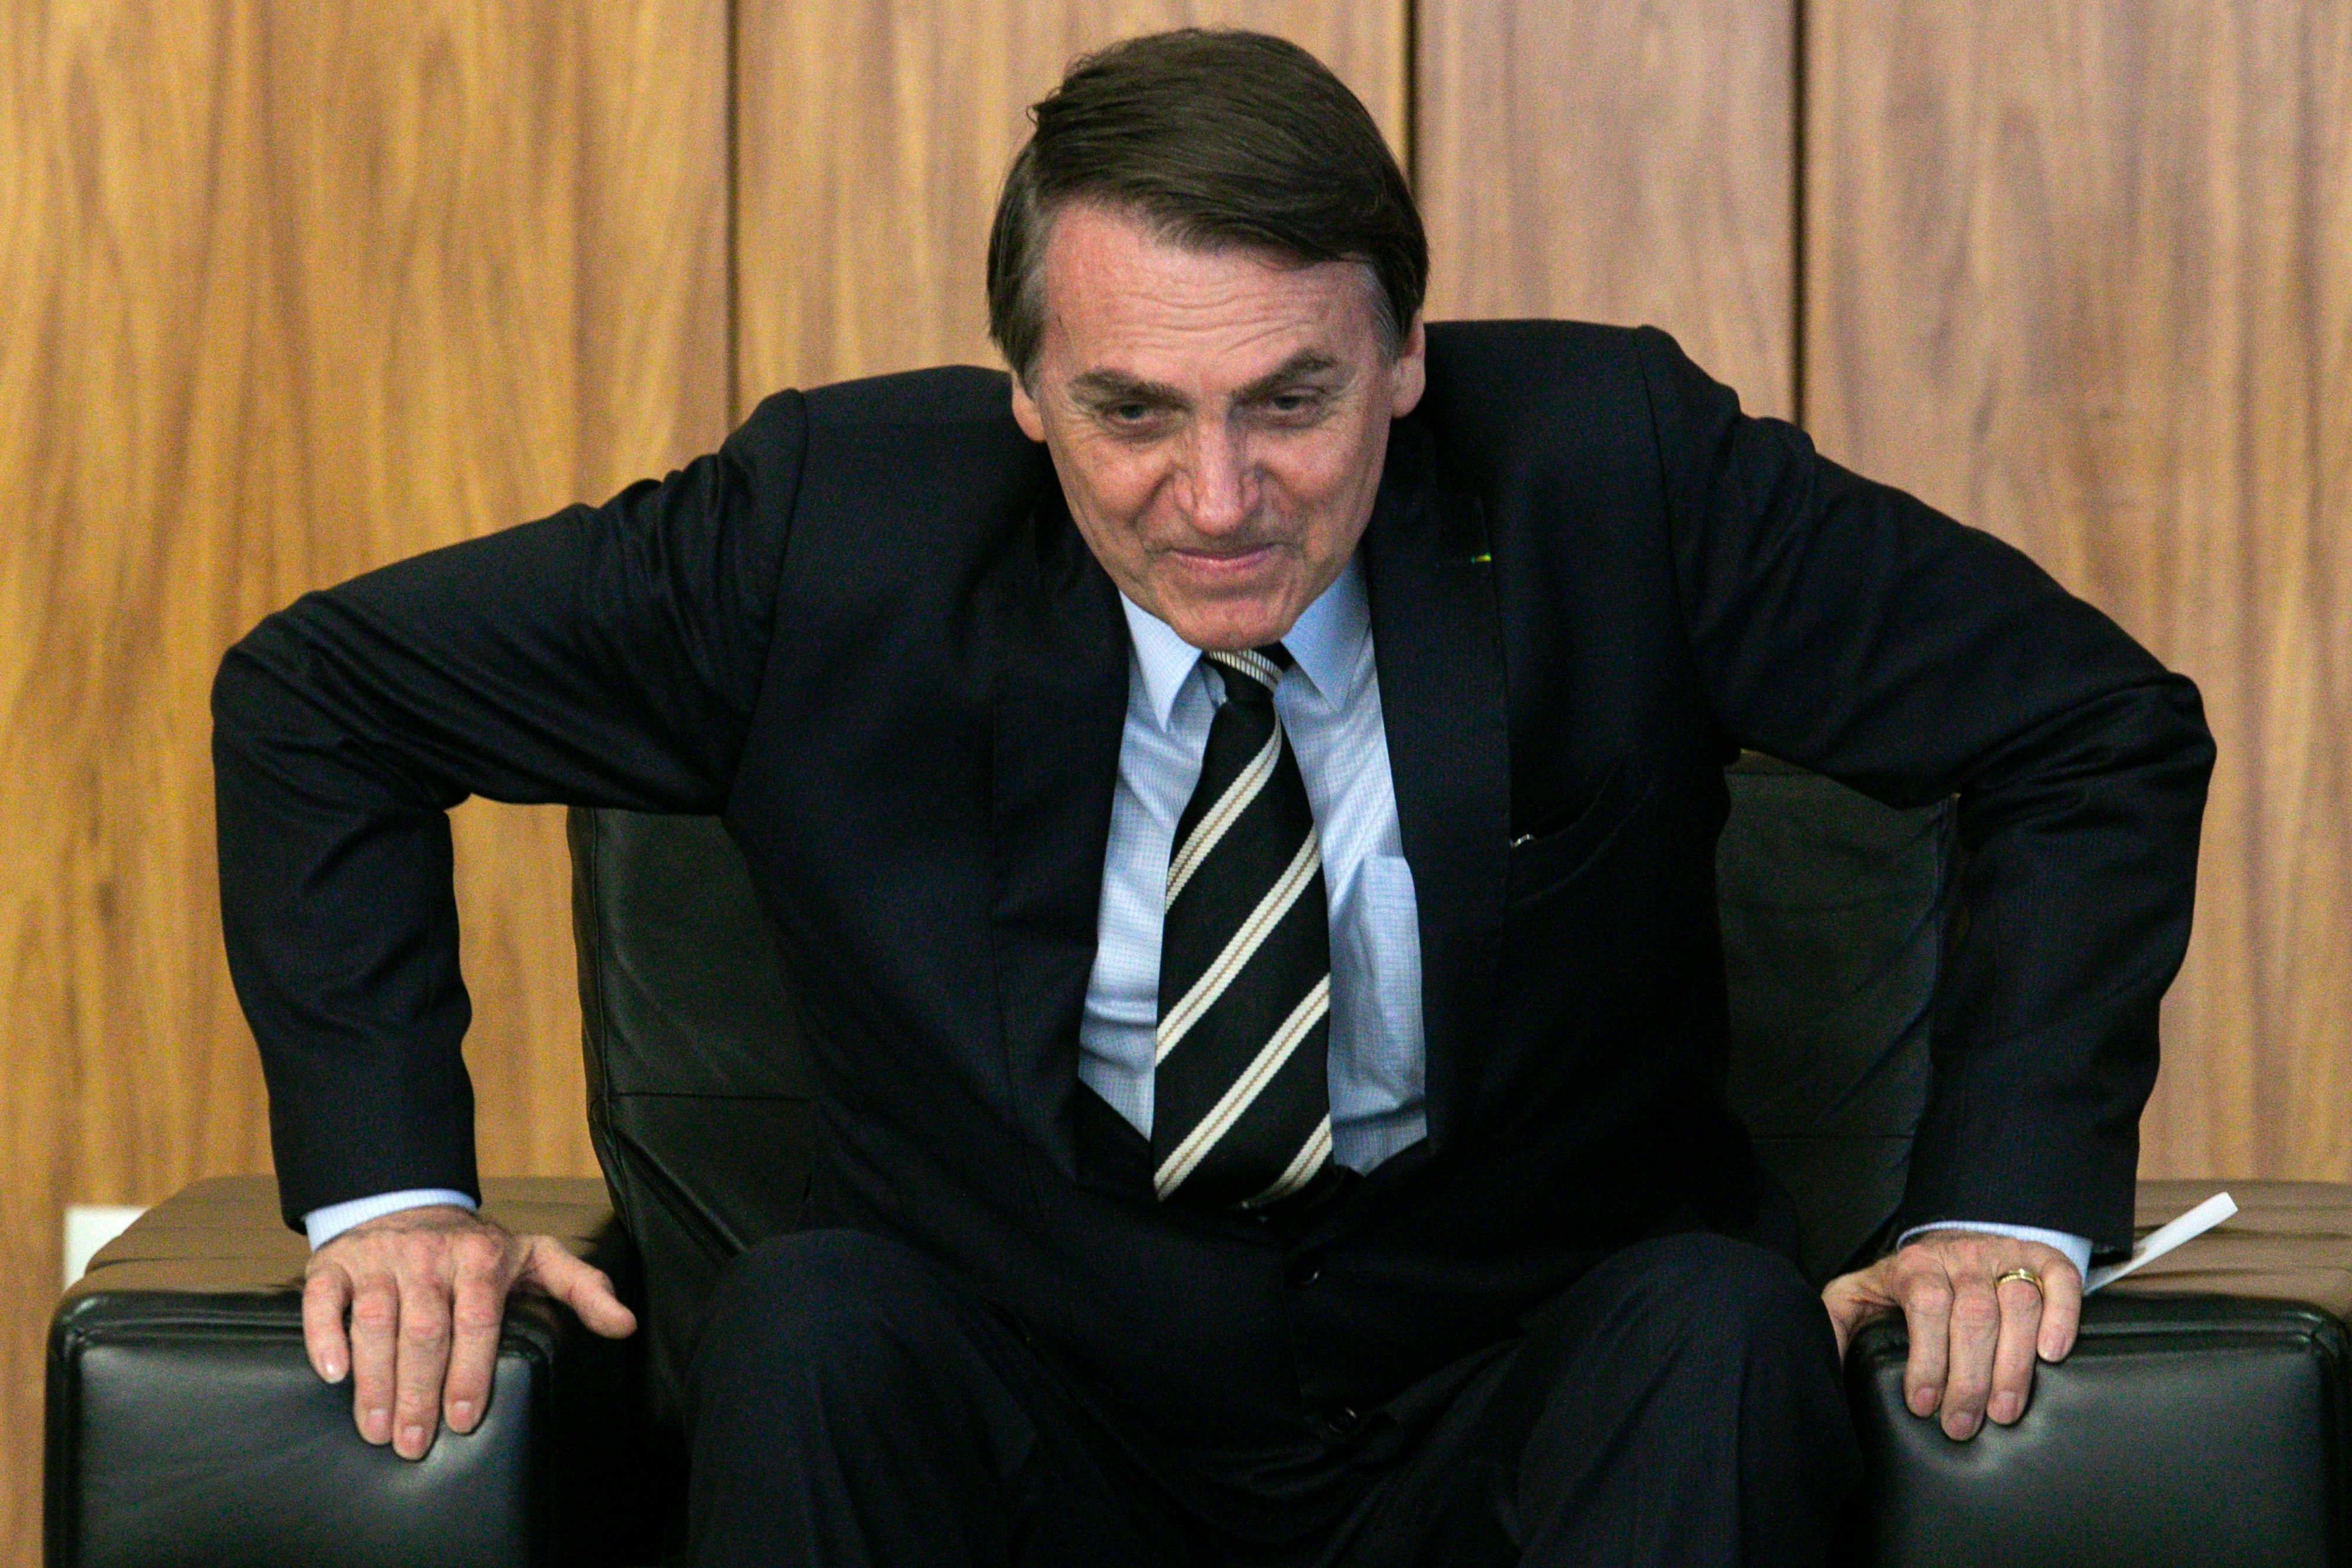 Bolsonaro mira a imprensa novamente e usa fake news para atacar jornalista do